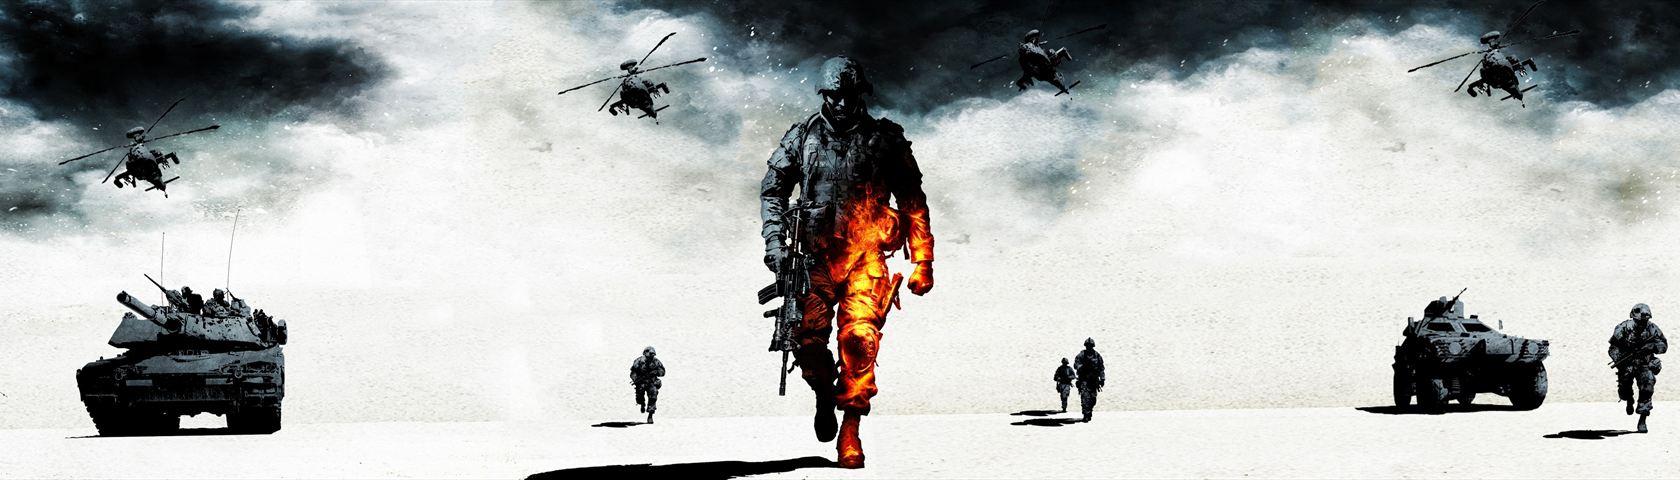 Battlefield 3 Promotion